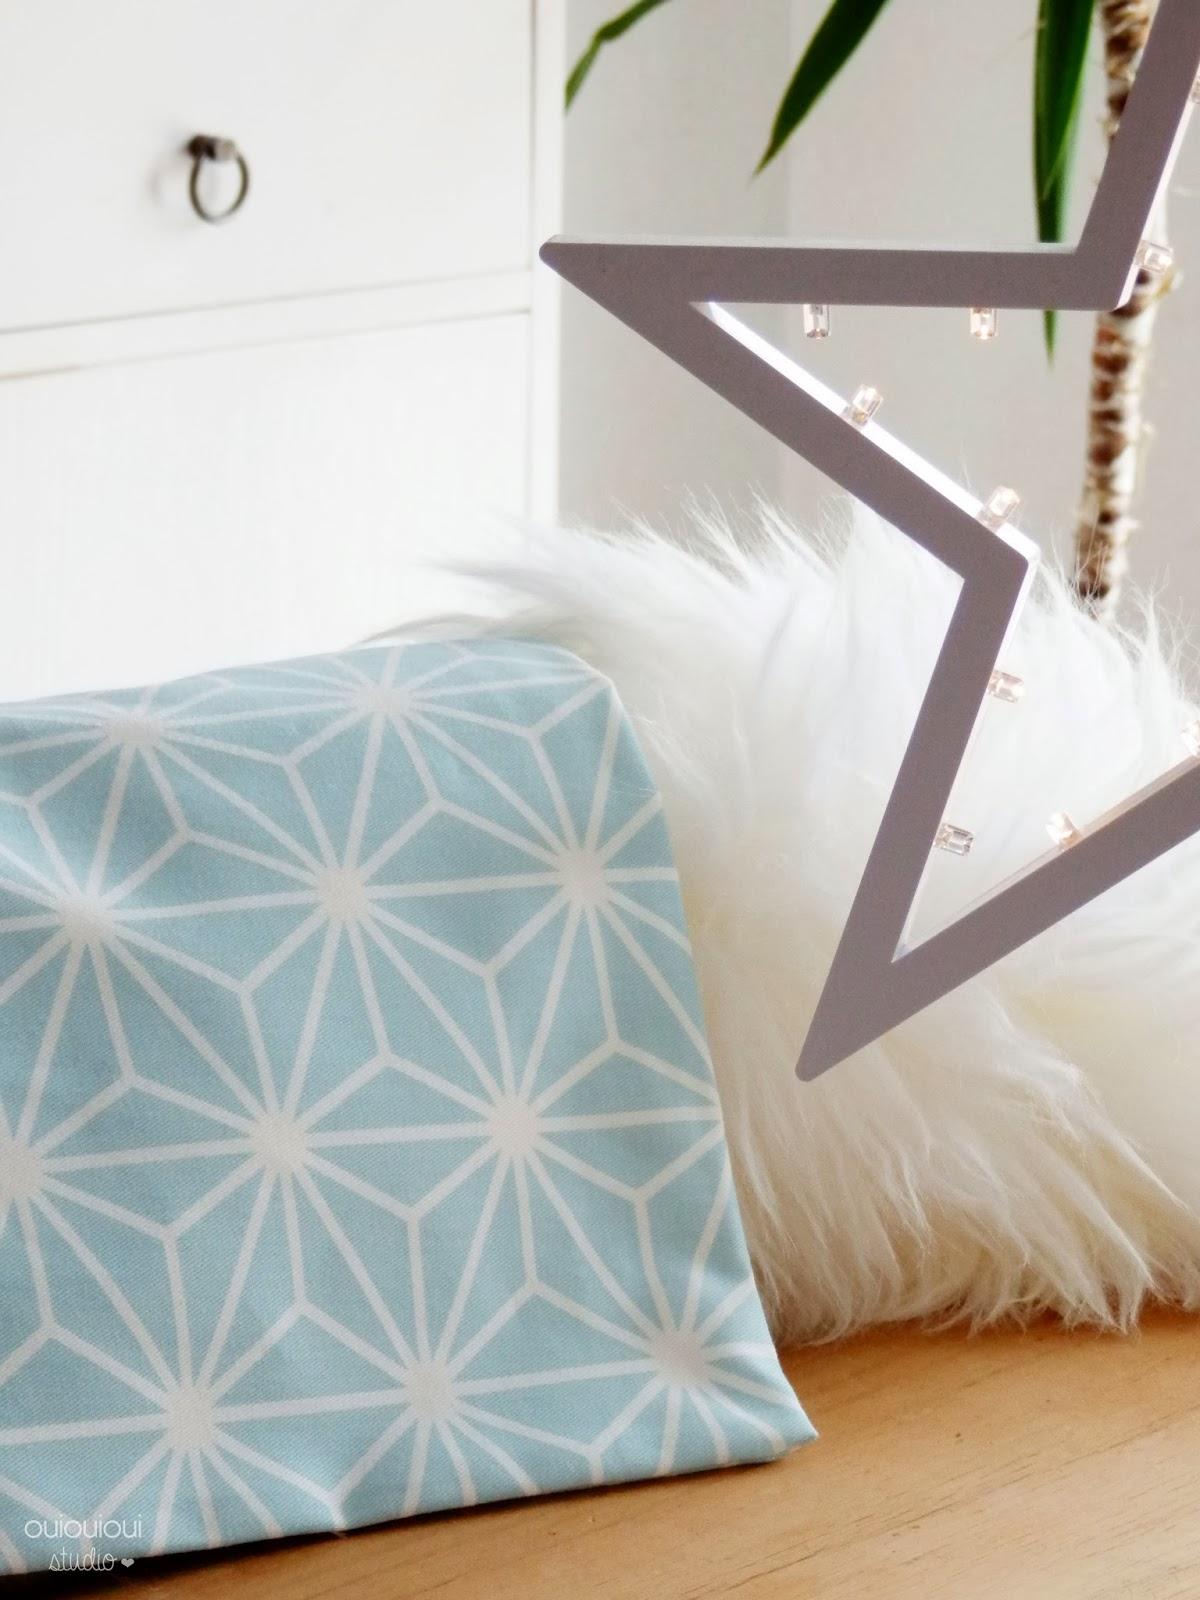 papier peint motif bulles saint etienne trouver artisan pour travaux magasin de papier peint a. Black Bedroom Furniture Sets. Home Design Ideas